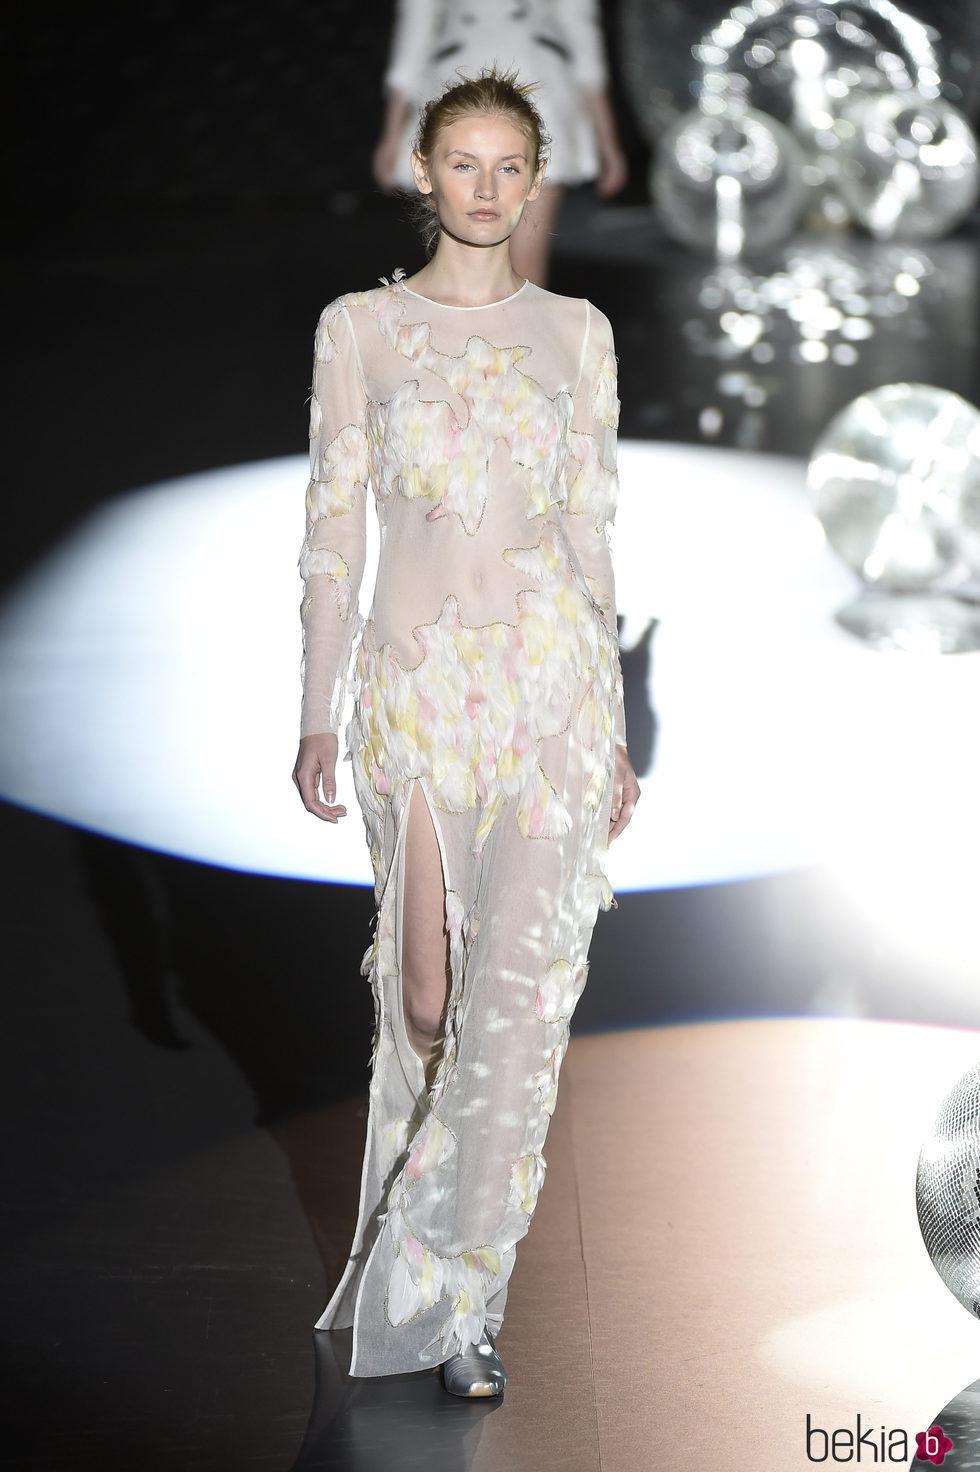 Vestido largo blanco transparente con plumas de Teresa Helbig primavera/verano 2017 en Madrid Fashion Week